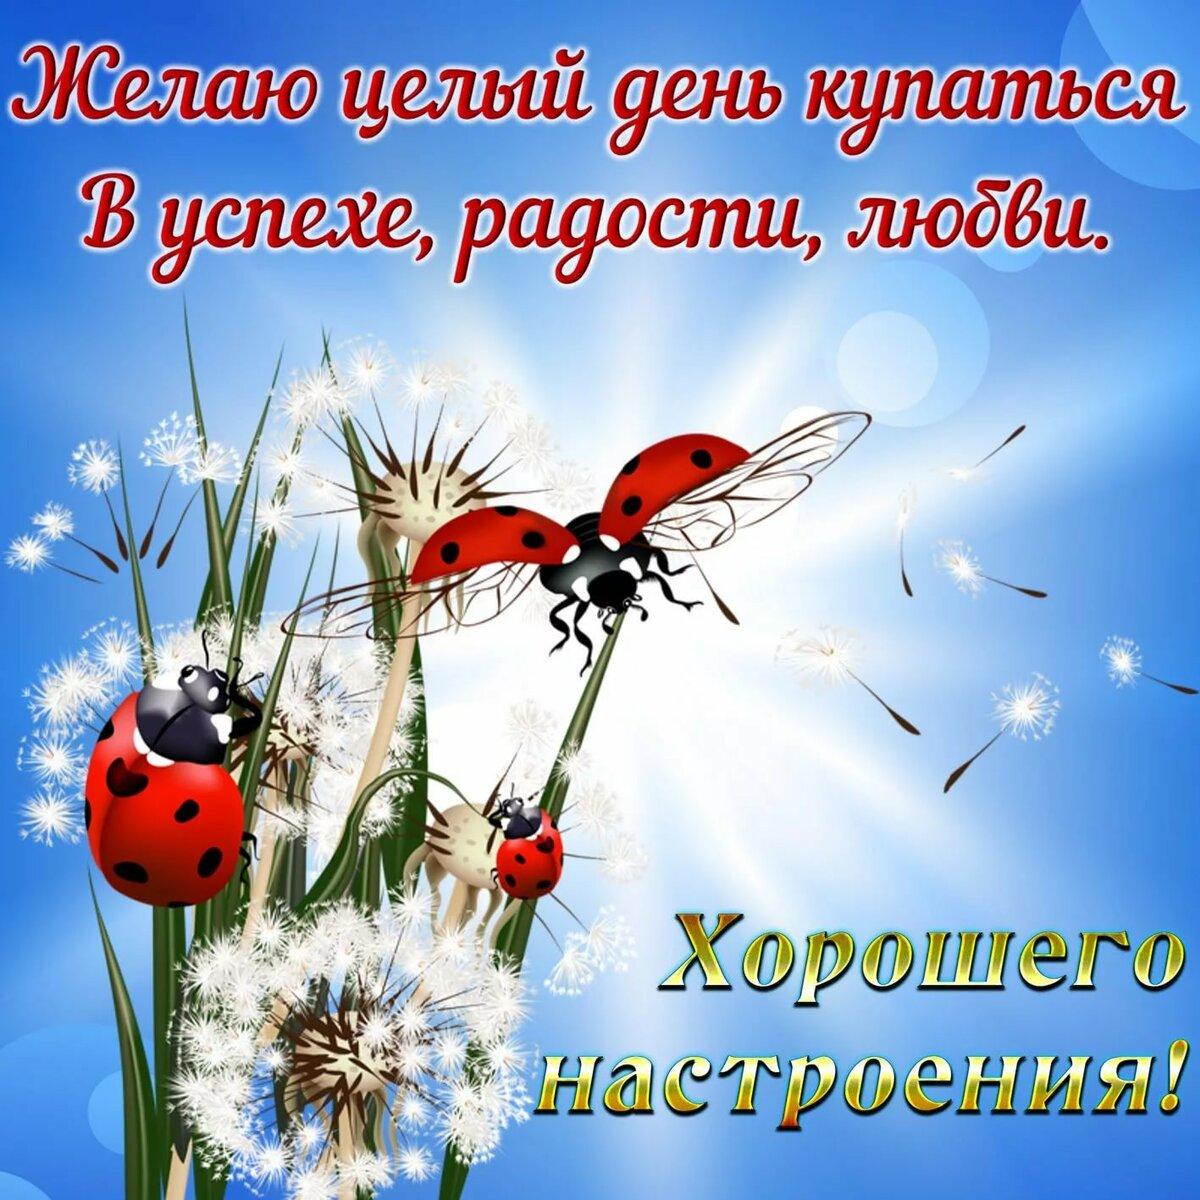 составили открытки с позитивными пожеланиями только россии, из-за